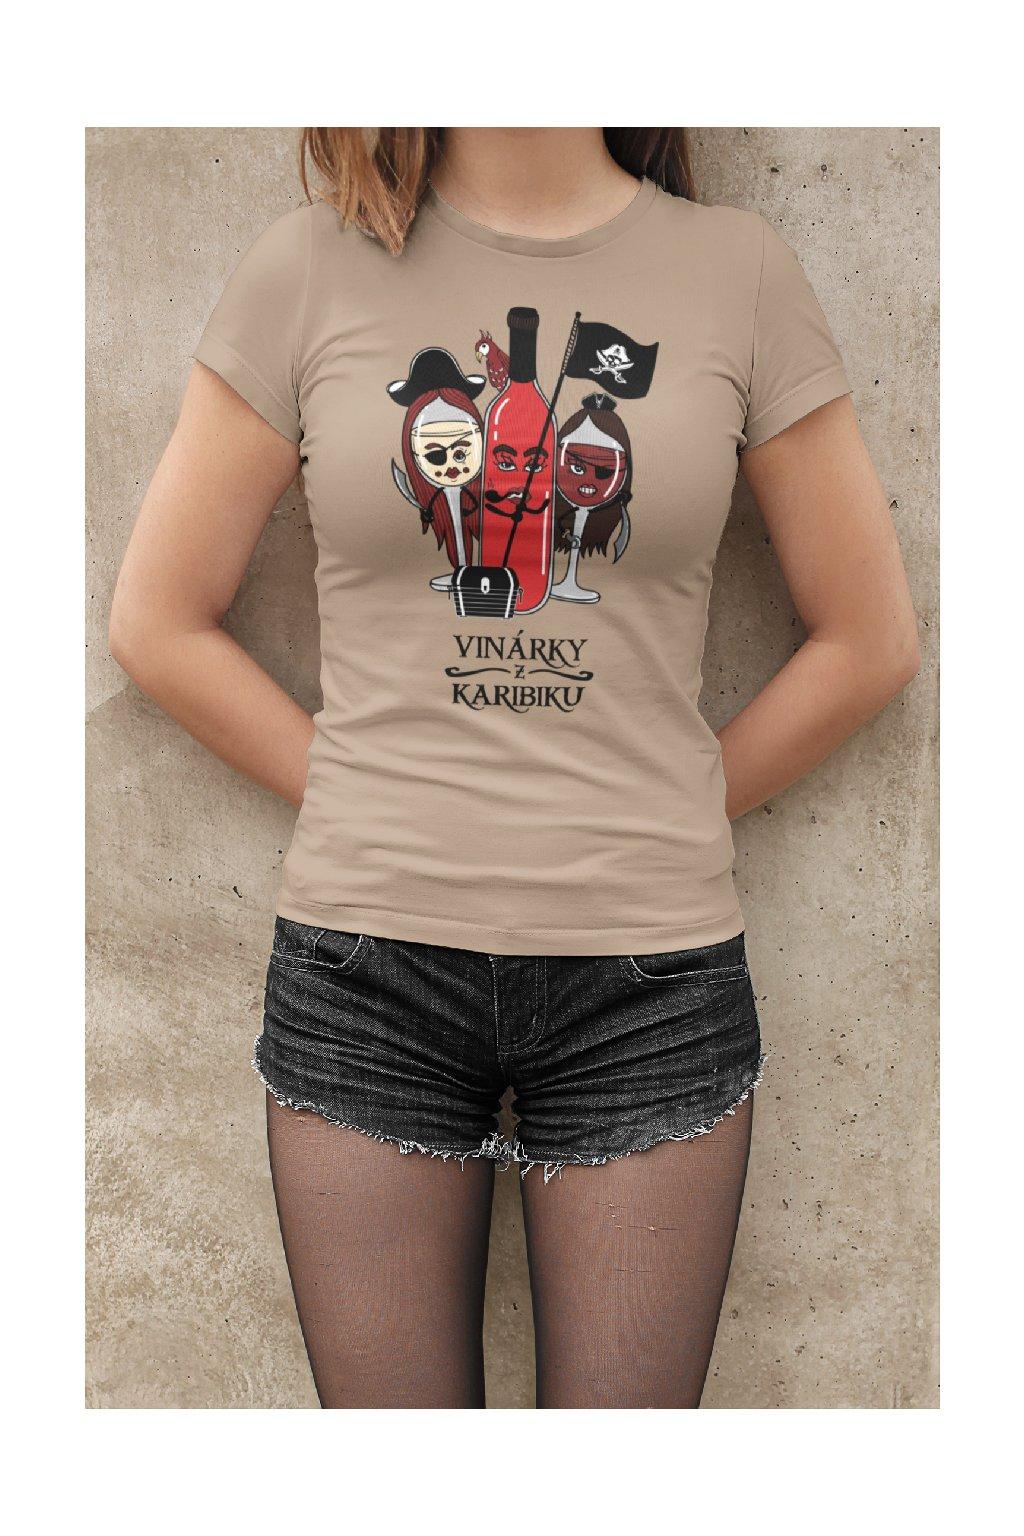 MMO Dámske tričko Vinárky z Karibiku Vyberte farbu: Piesková, Vyberte veľkosť: M